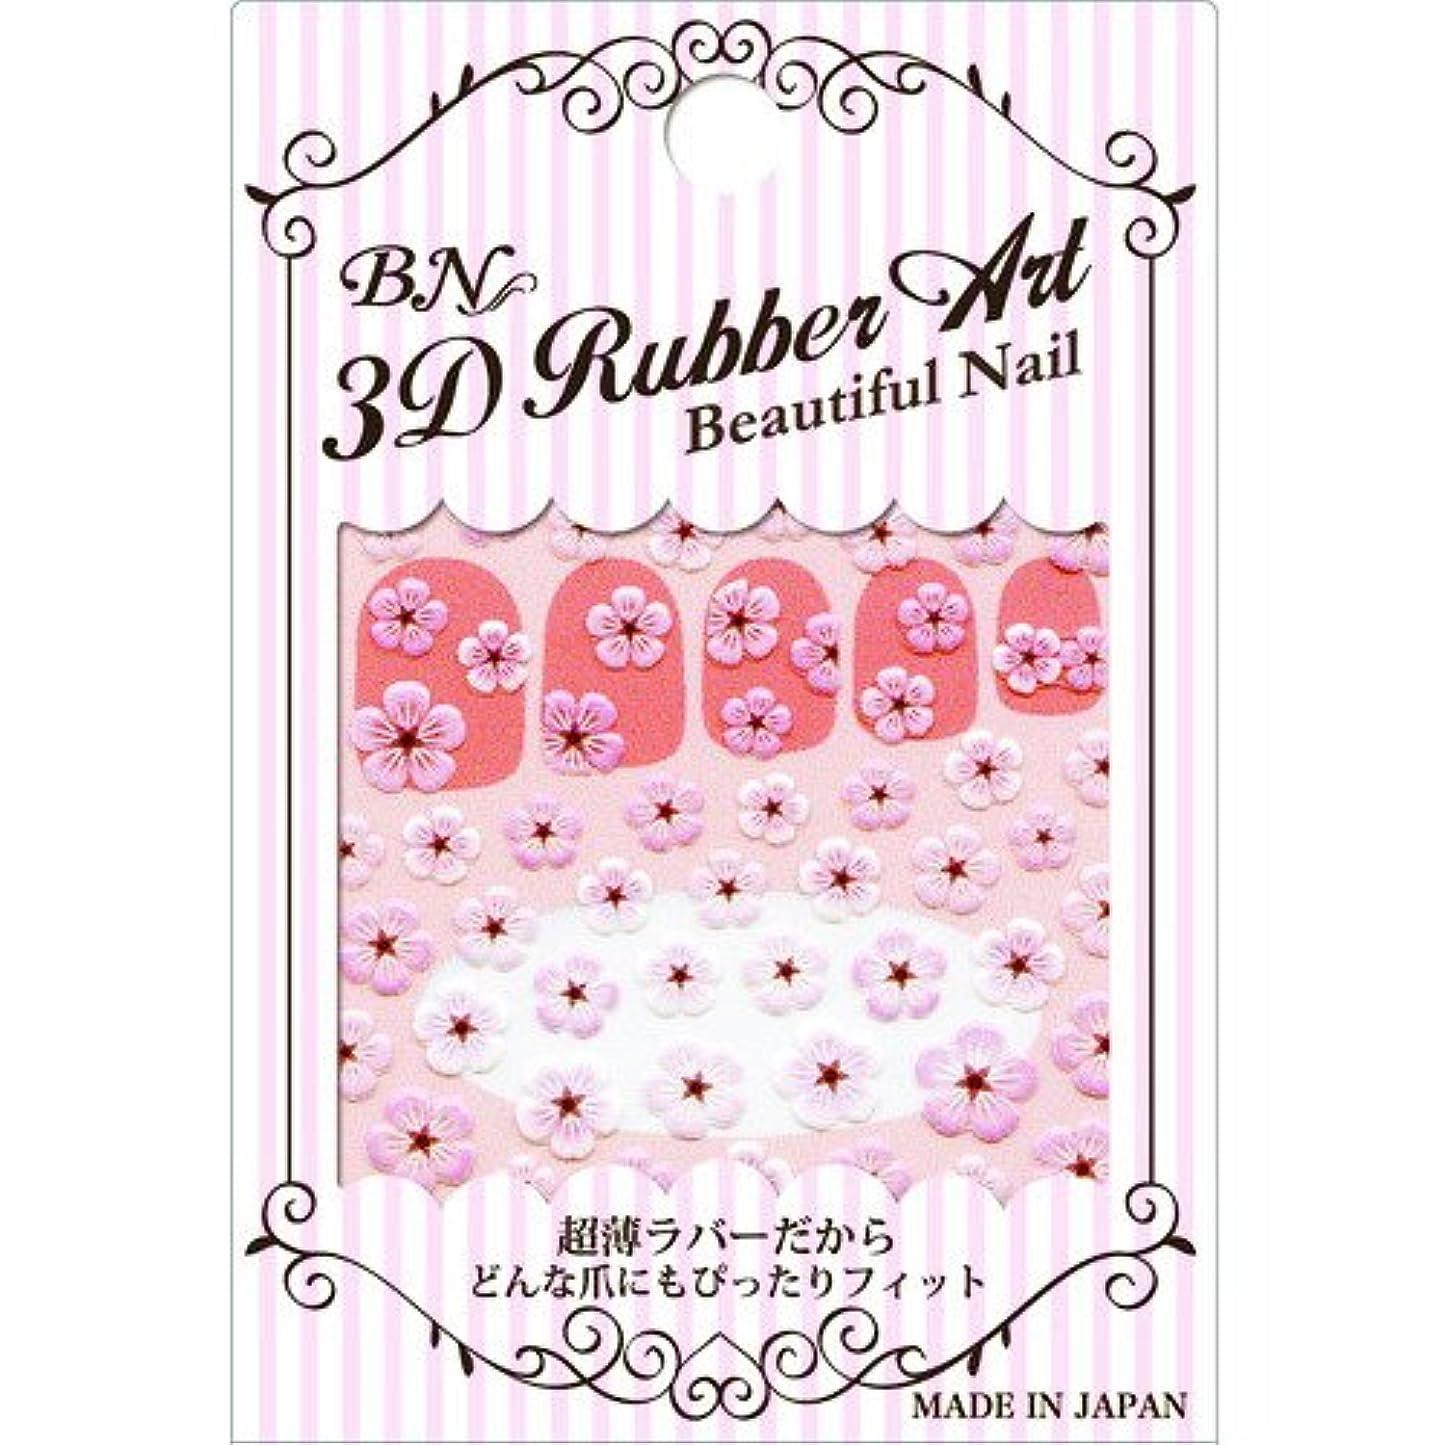 スワップ幽霊組み合わせBN 3Dラバーアート ビューティフルネイル BUR-5 おしばな ピンク